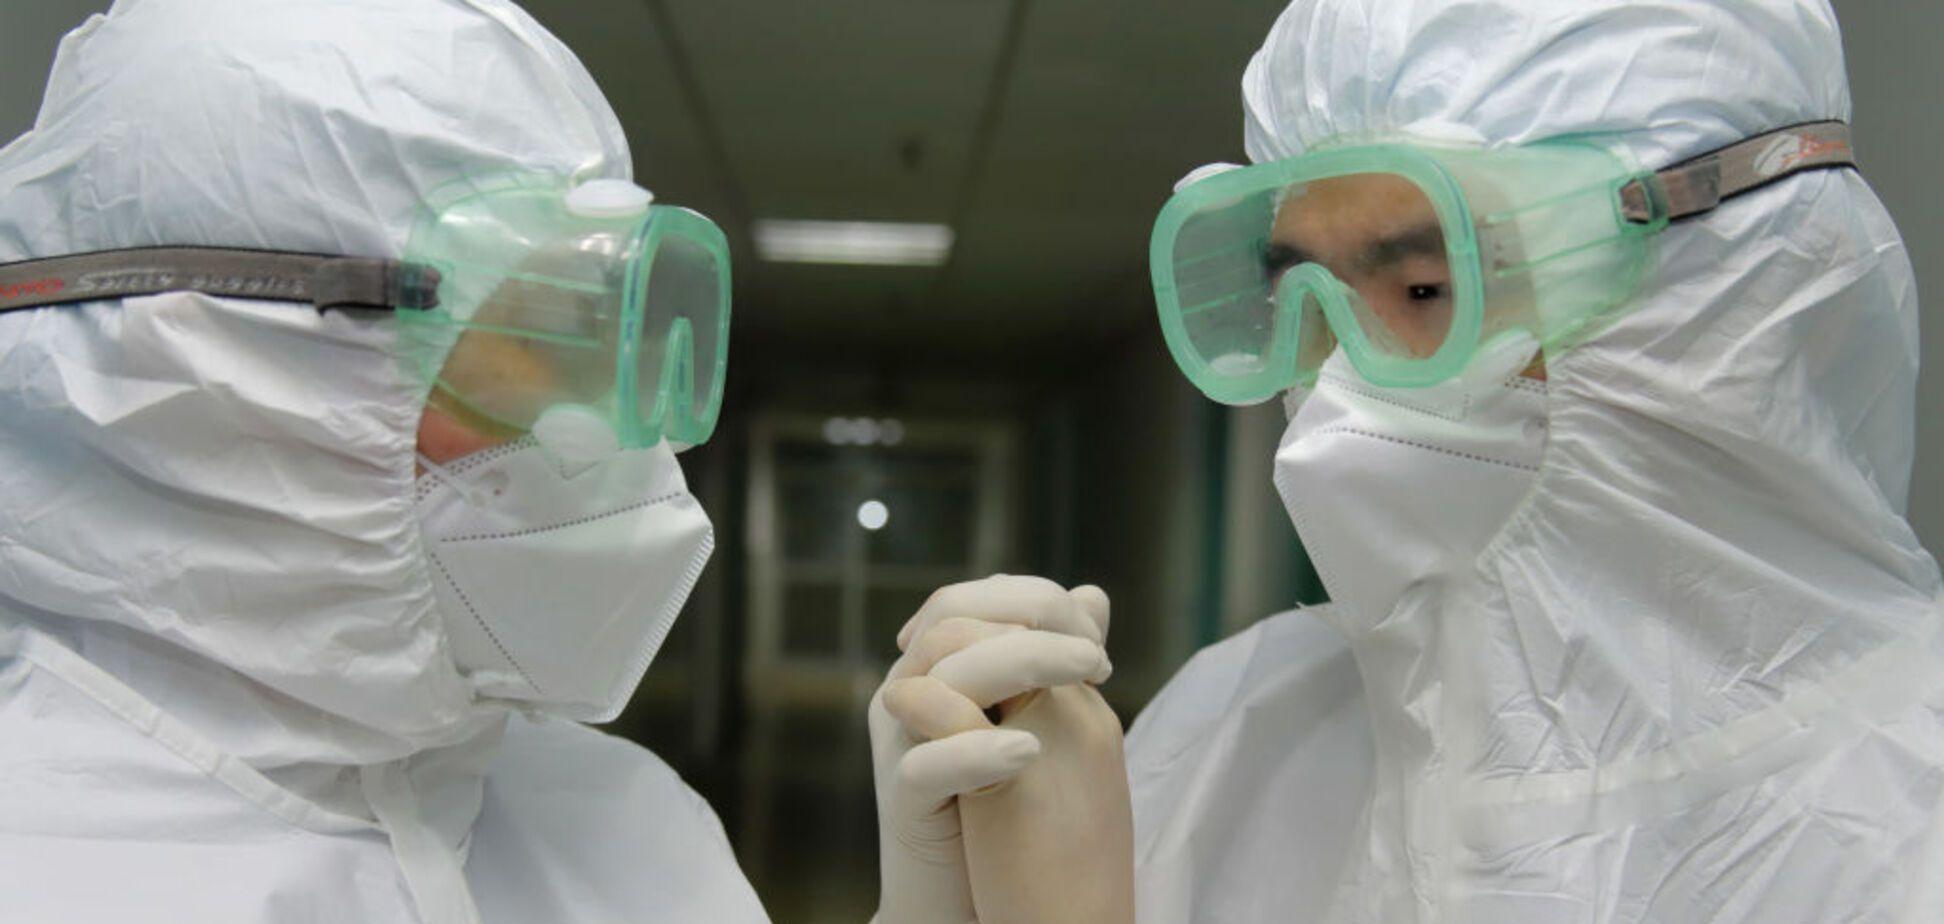 Б'є в серце: кардіохірург розповів, для кого особливо небезпечний коронавірус